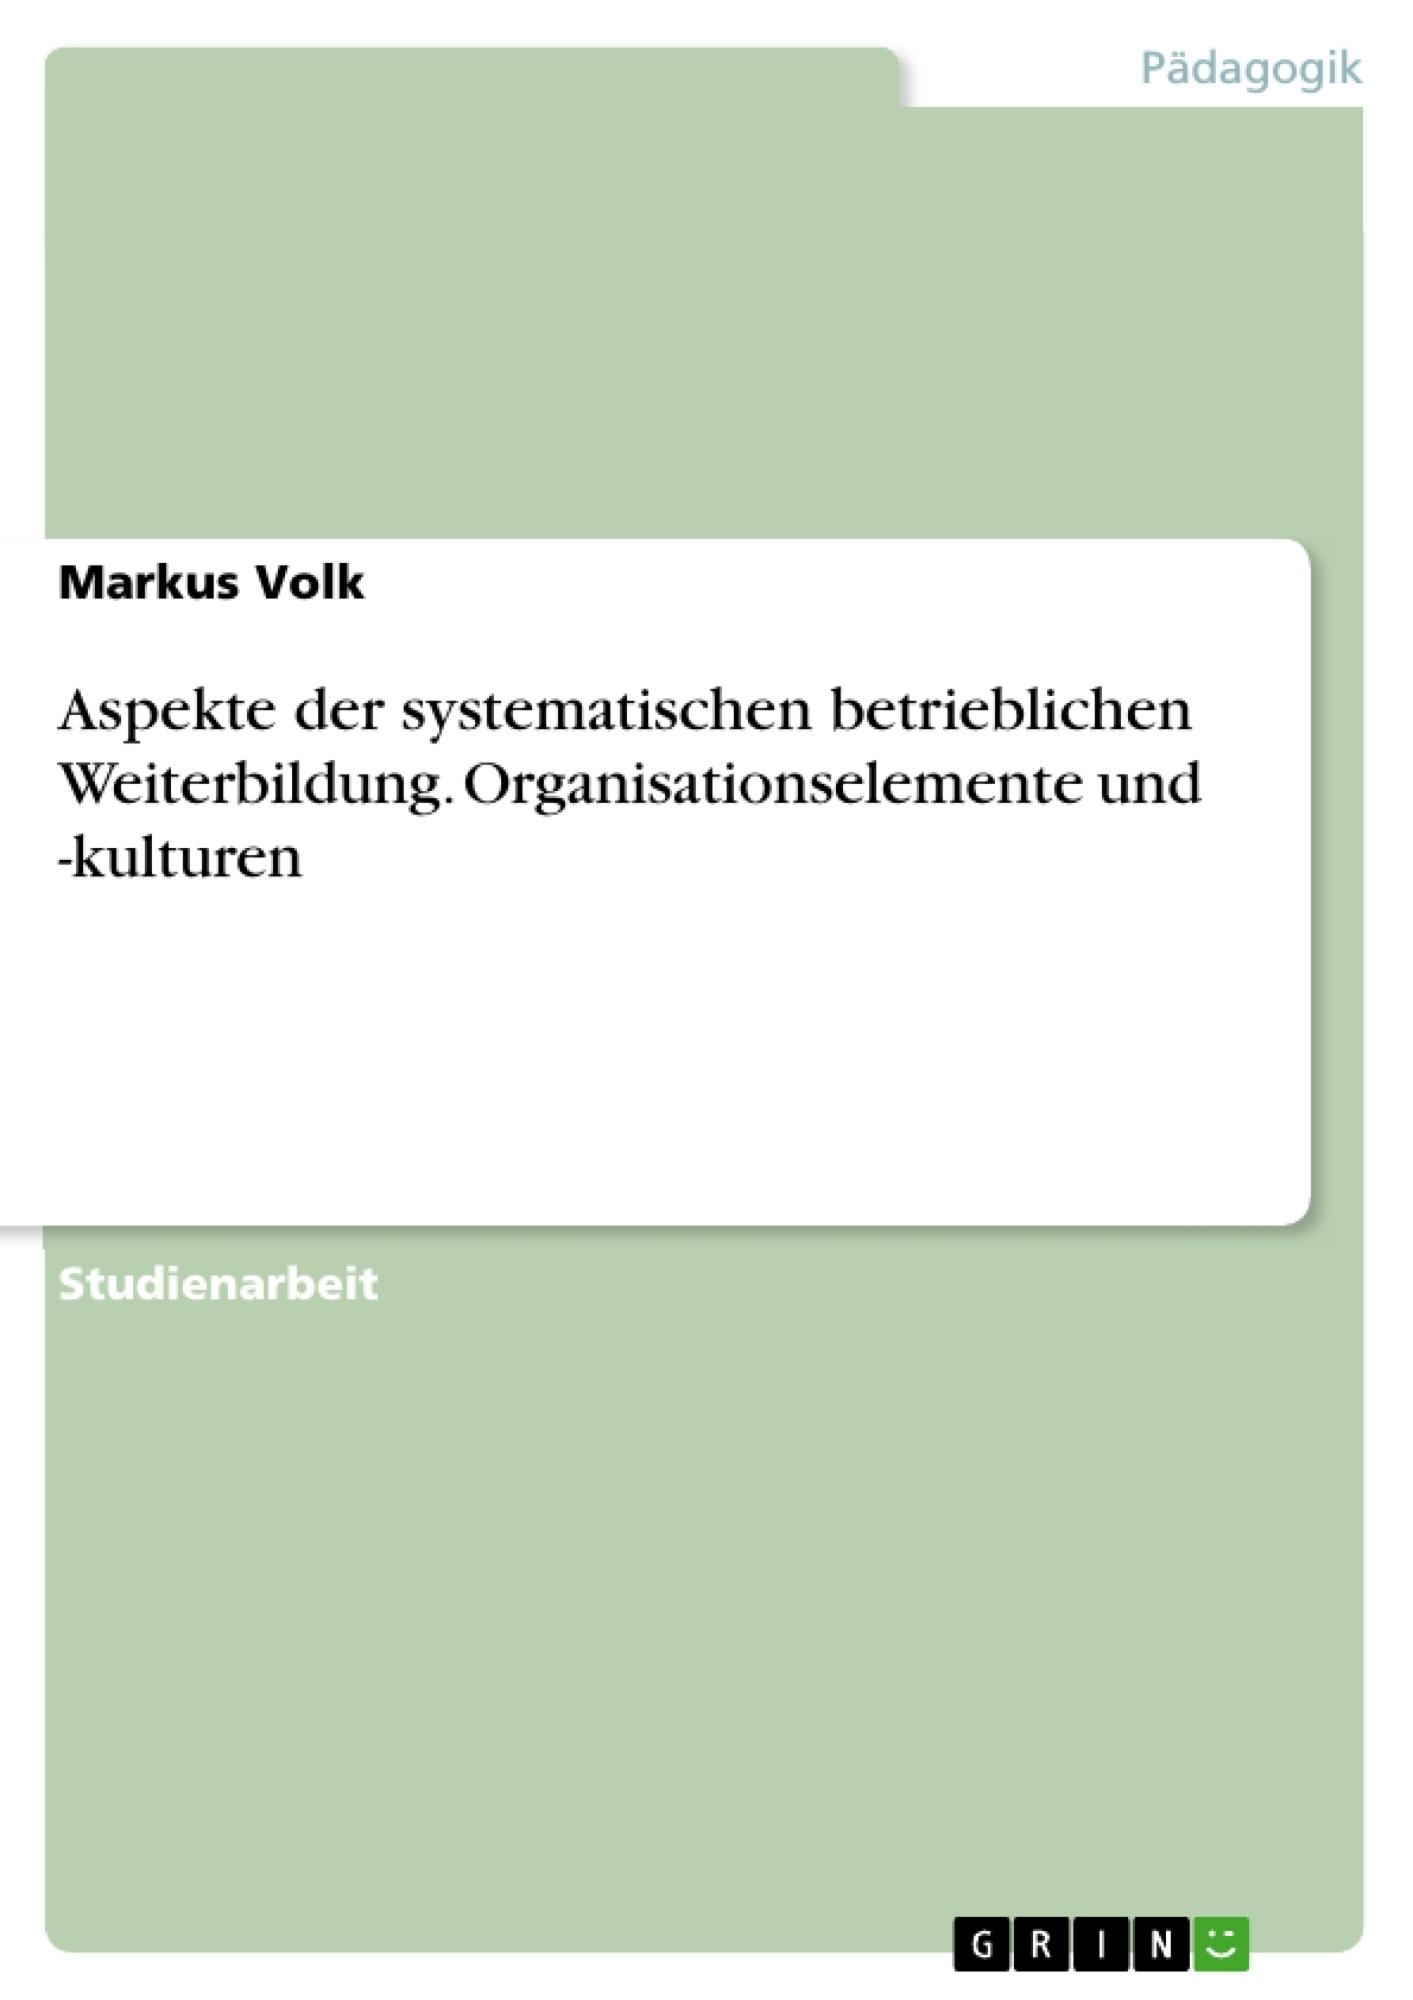 Titel: Aspekte der systematischen betrieblichen Weiterbildung. Organisationselemente und -kulturen